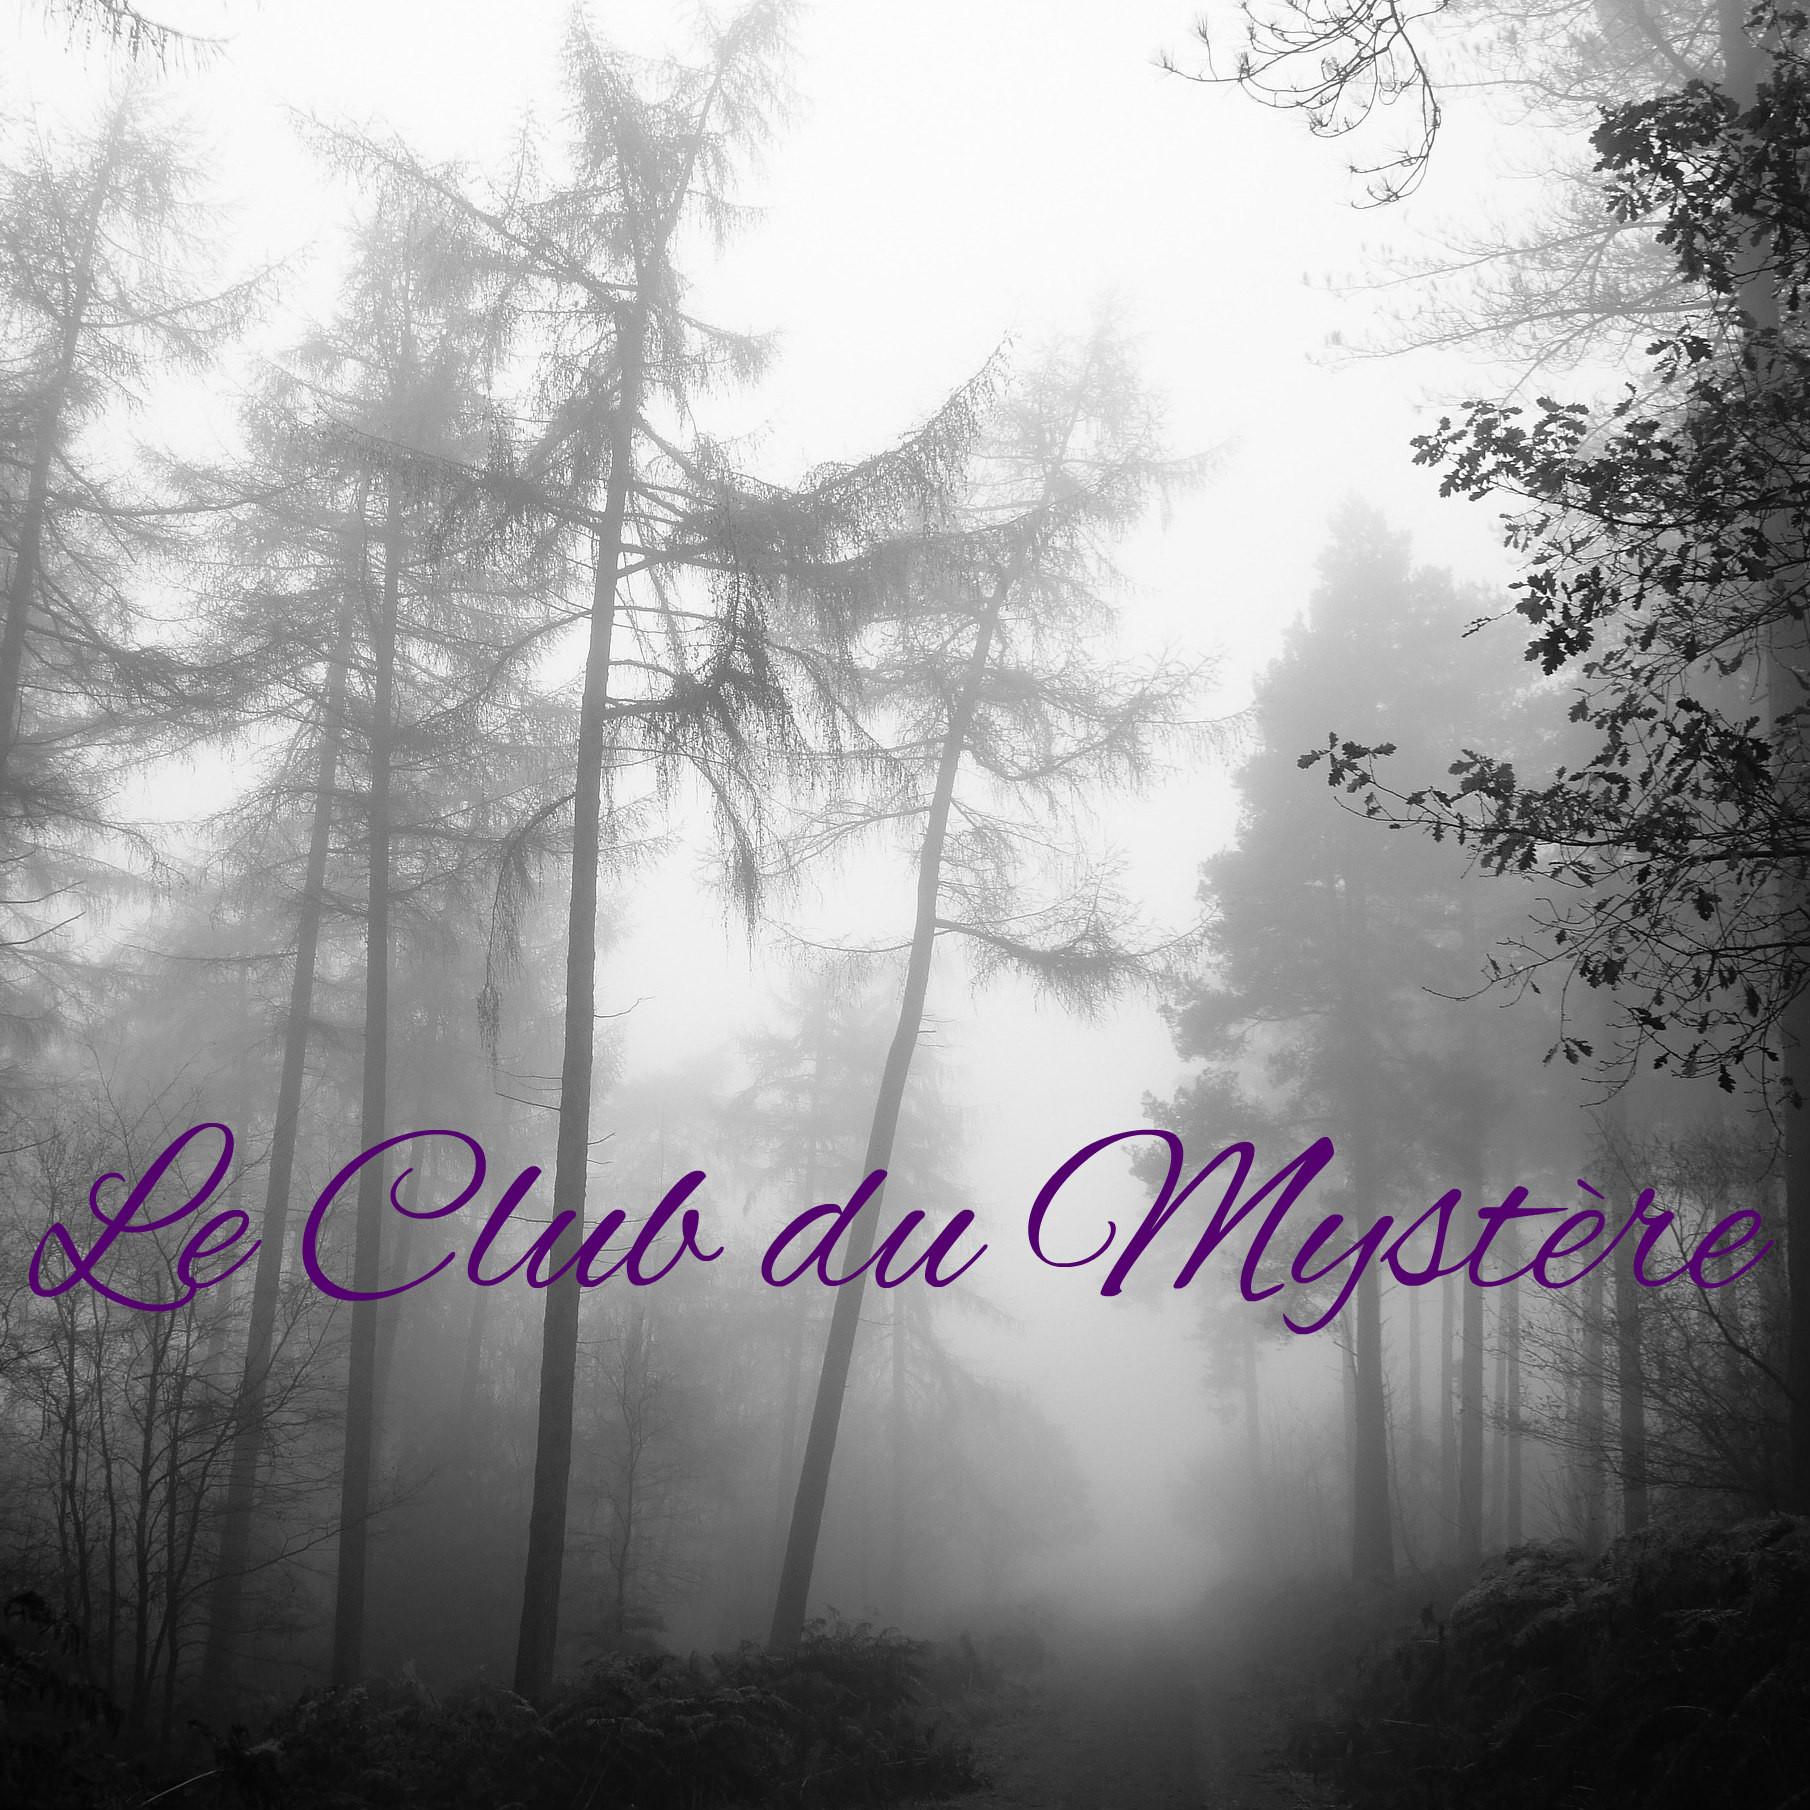 Le Club du Mystère